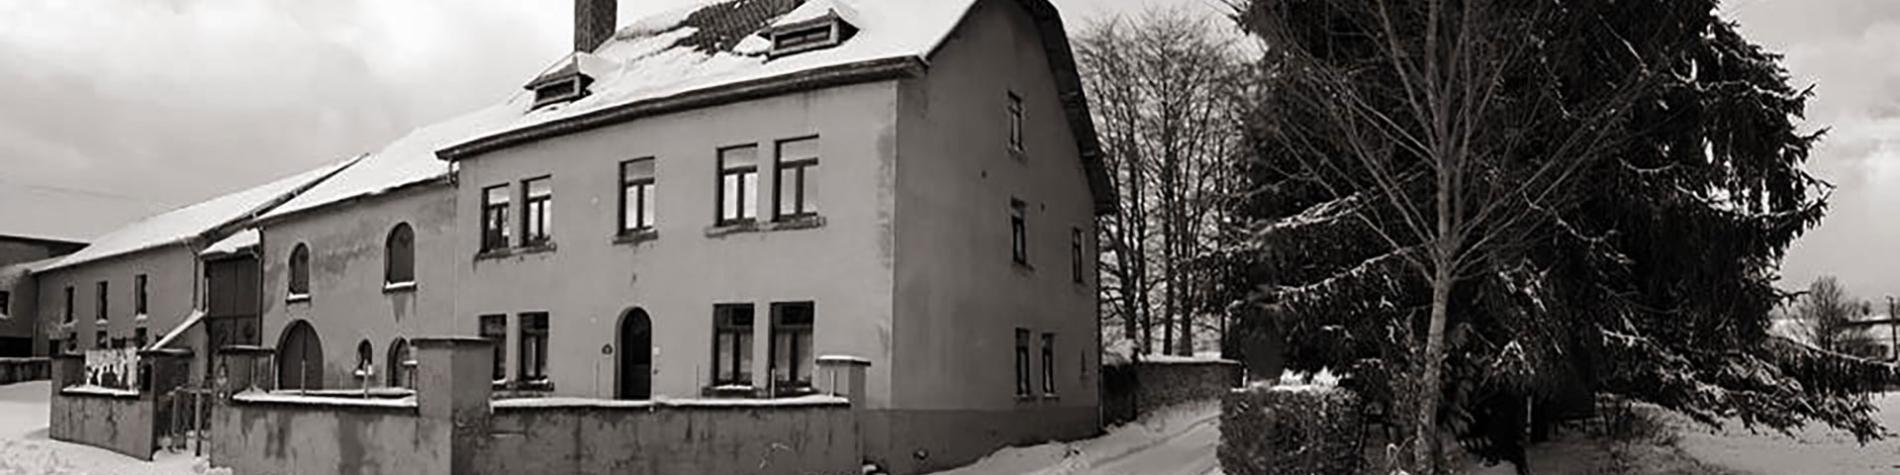 Maison d'hôtes - Santa Fe Lutrebois - Bastogne